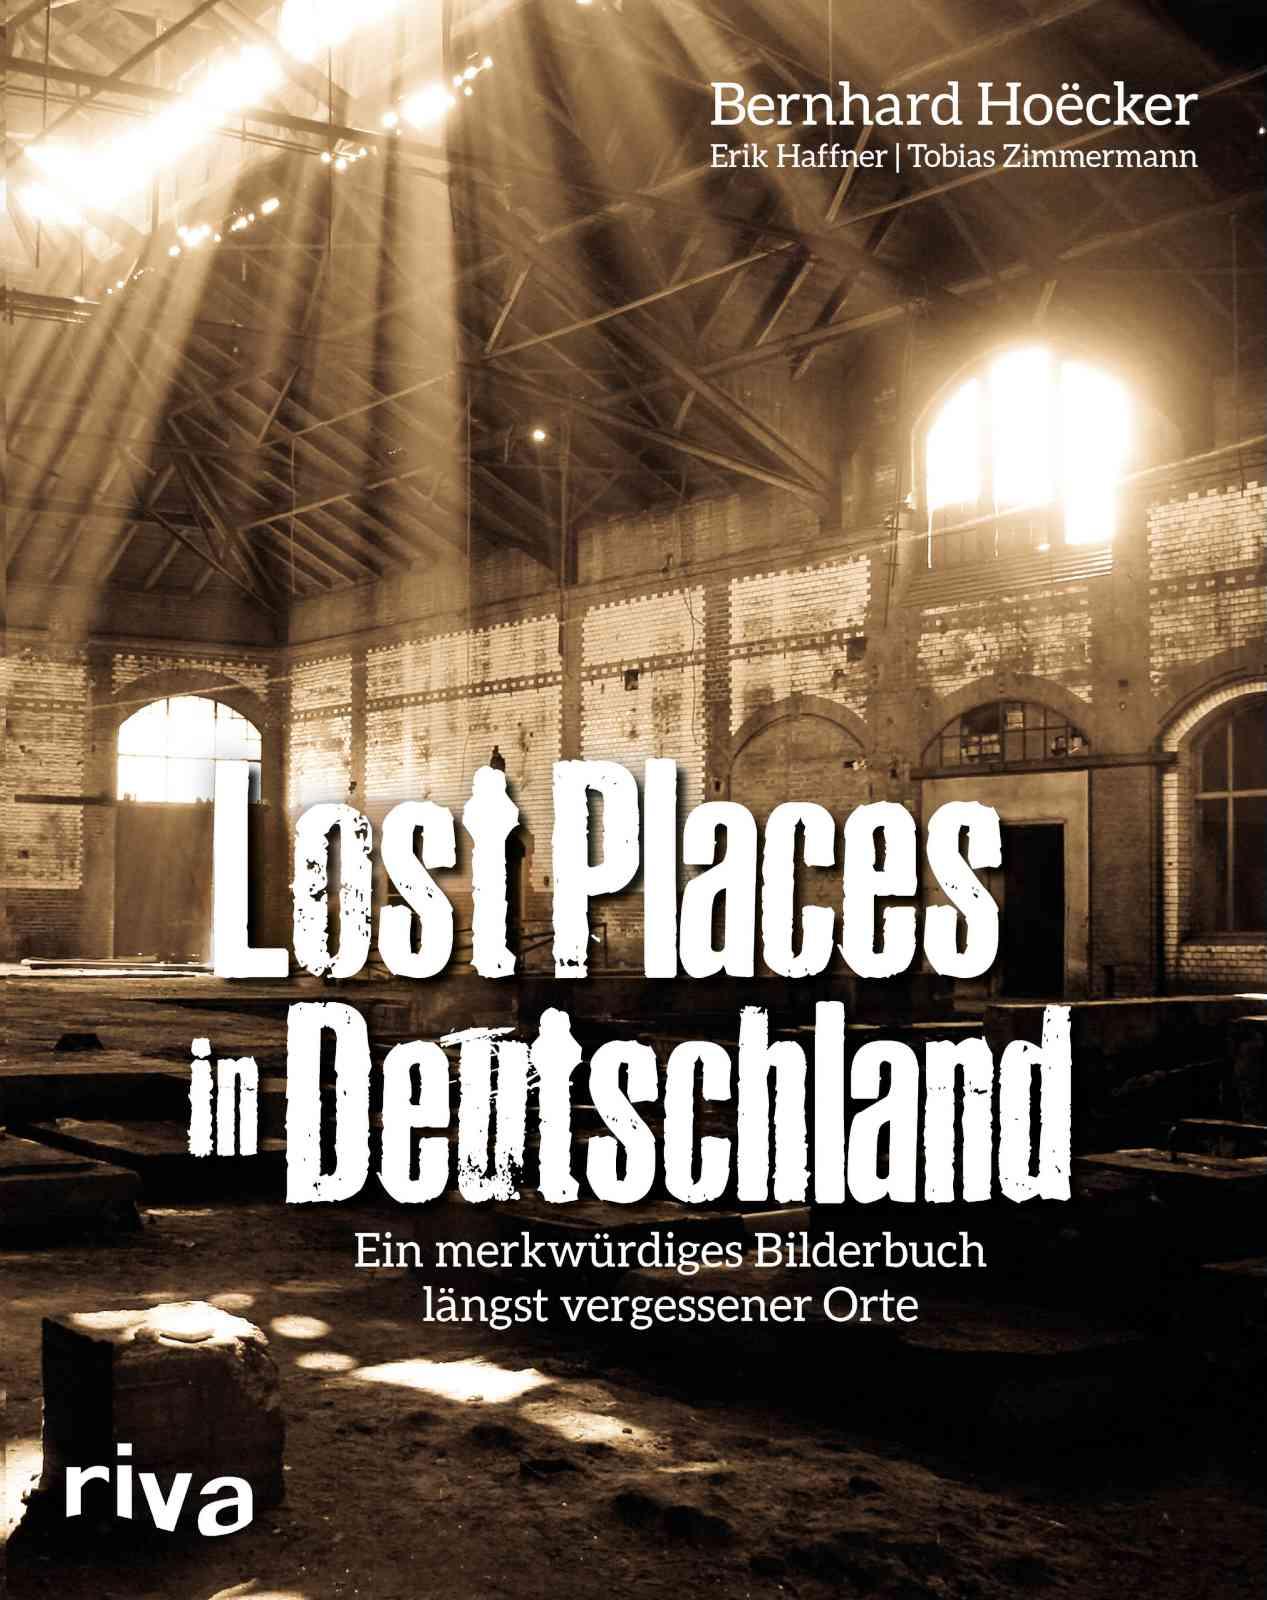 Bernhard Hoecker - Lostplaces in Deutschland